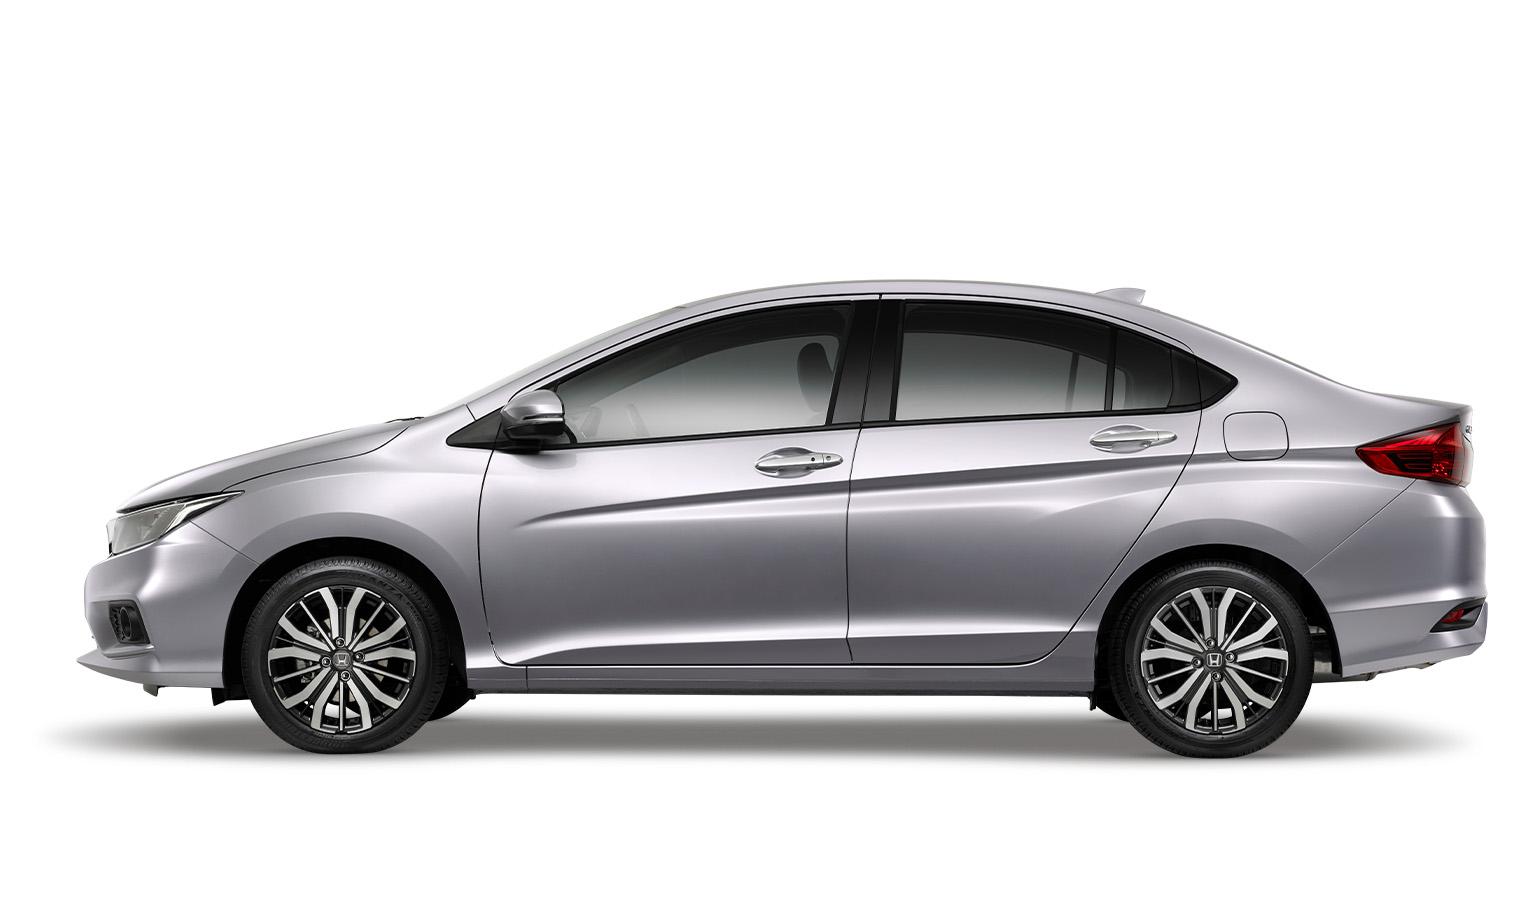 El Honda City EX CVT 2020 resena opiniones ofrece buenas prestaciones para ciudad